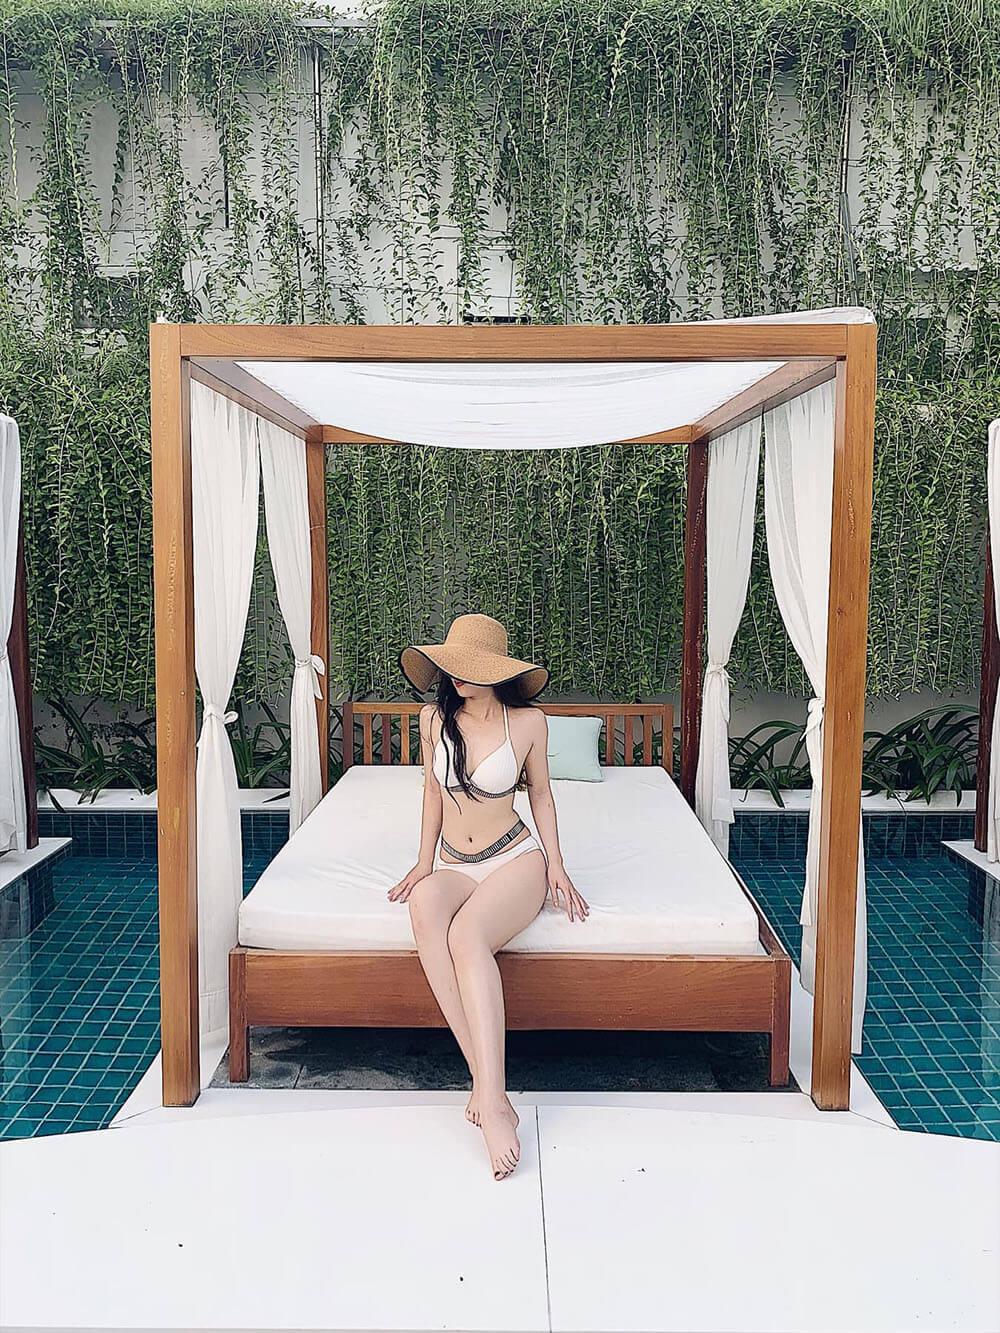 Anio Boutique Hotel Hoi An 03 Le Dinh Tham Cam Son Hoi An Quang Nam Review Lich Trinh Da Nang Hoi An 5n4d Phu Hop Voi Nhom Ban Than 06